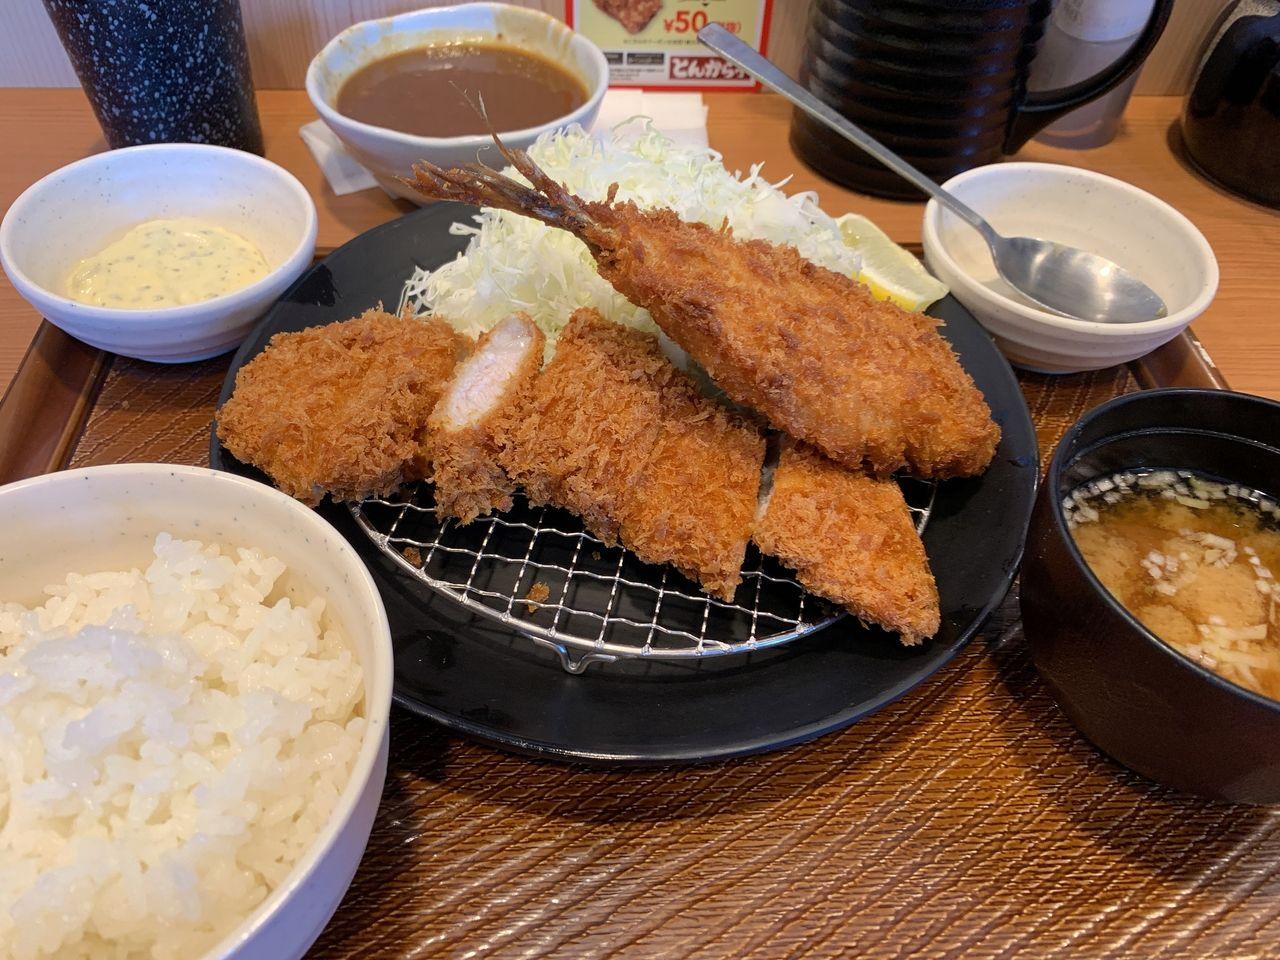 【三郷市食べ歩きブログ】カレーかけ放題!?とんから亭三郷彦成店へ行ってみた!